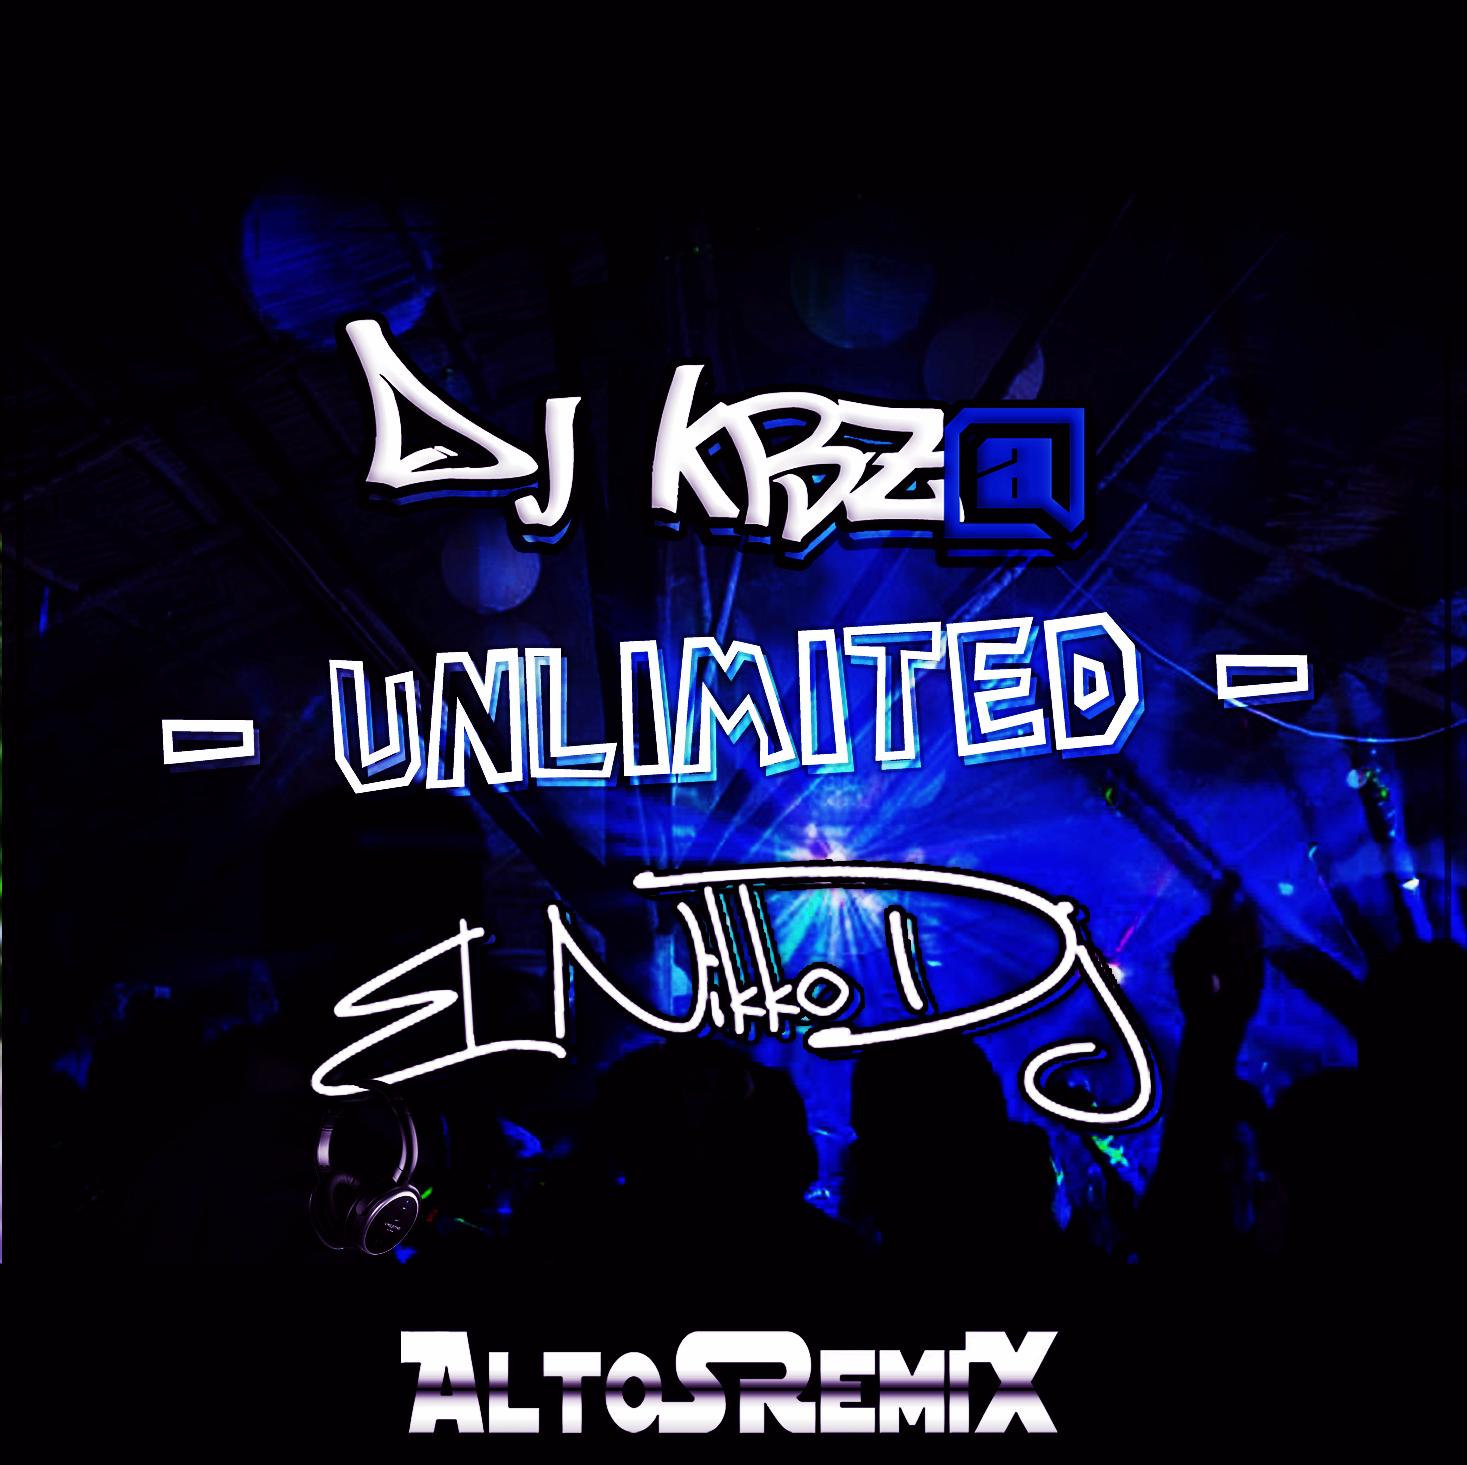 Unlimited - Dj KBZ@ Ft. El Nikko Dj (2015)